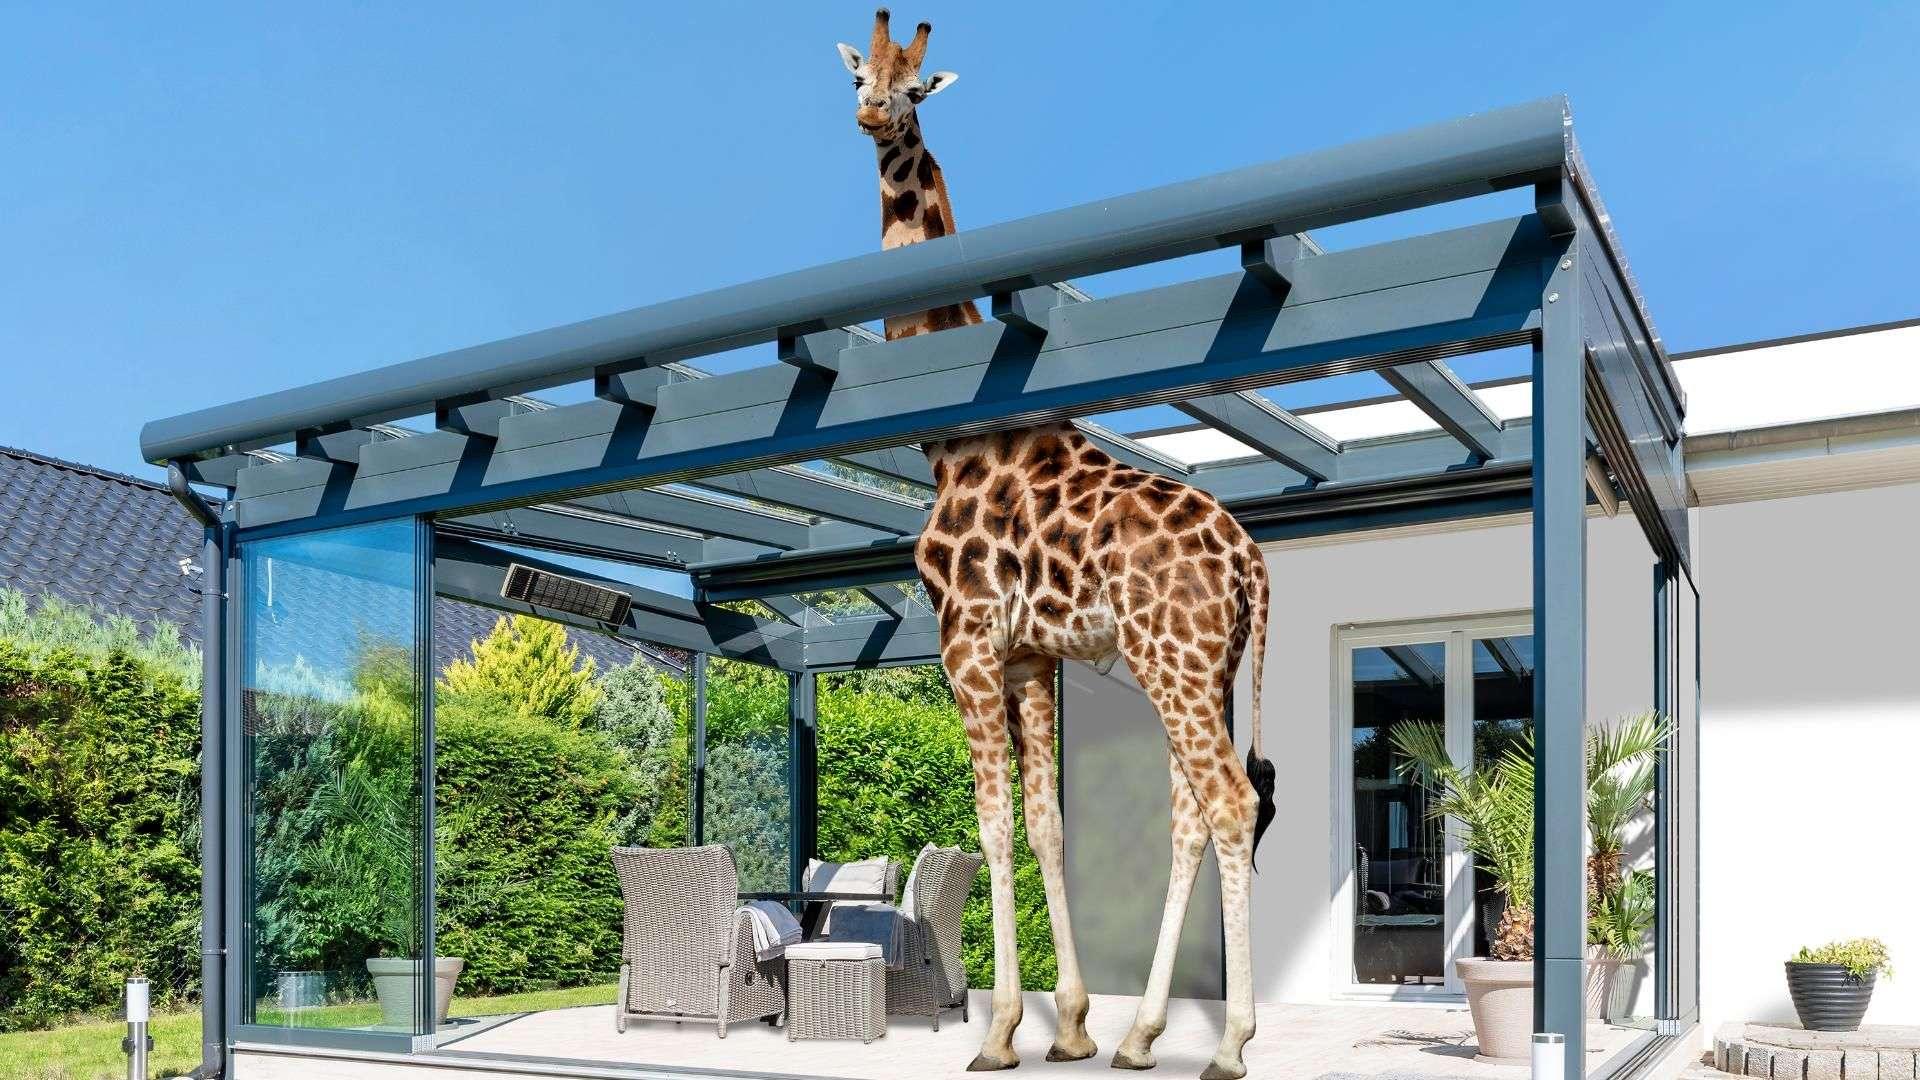 Terrassendach unter dem eine Giraffe steht, der Hals guckt durch das Schiebedach oben raus